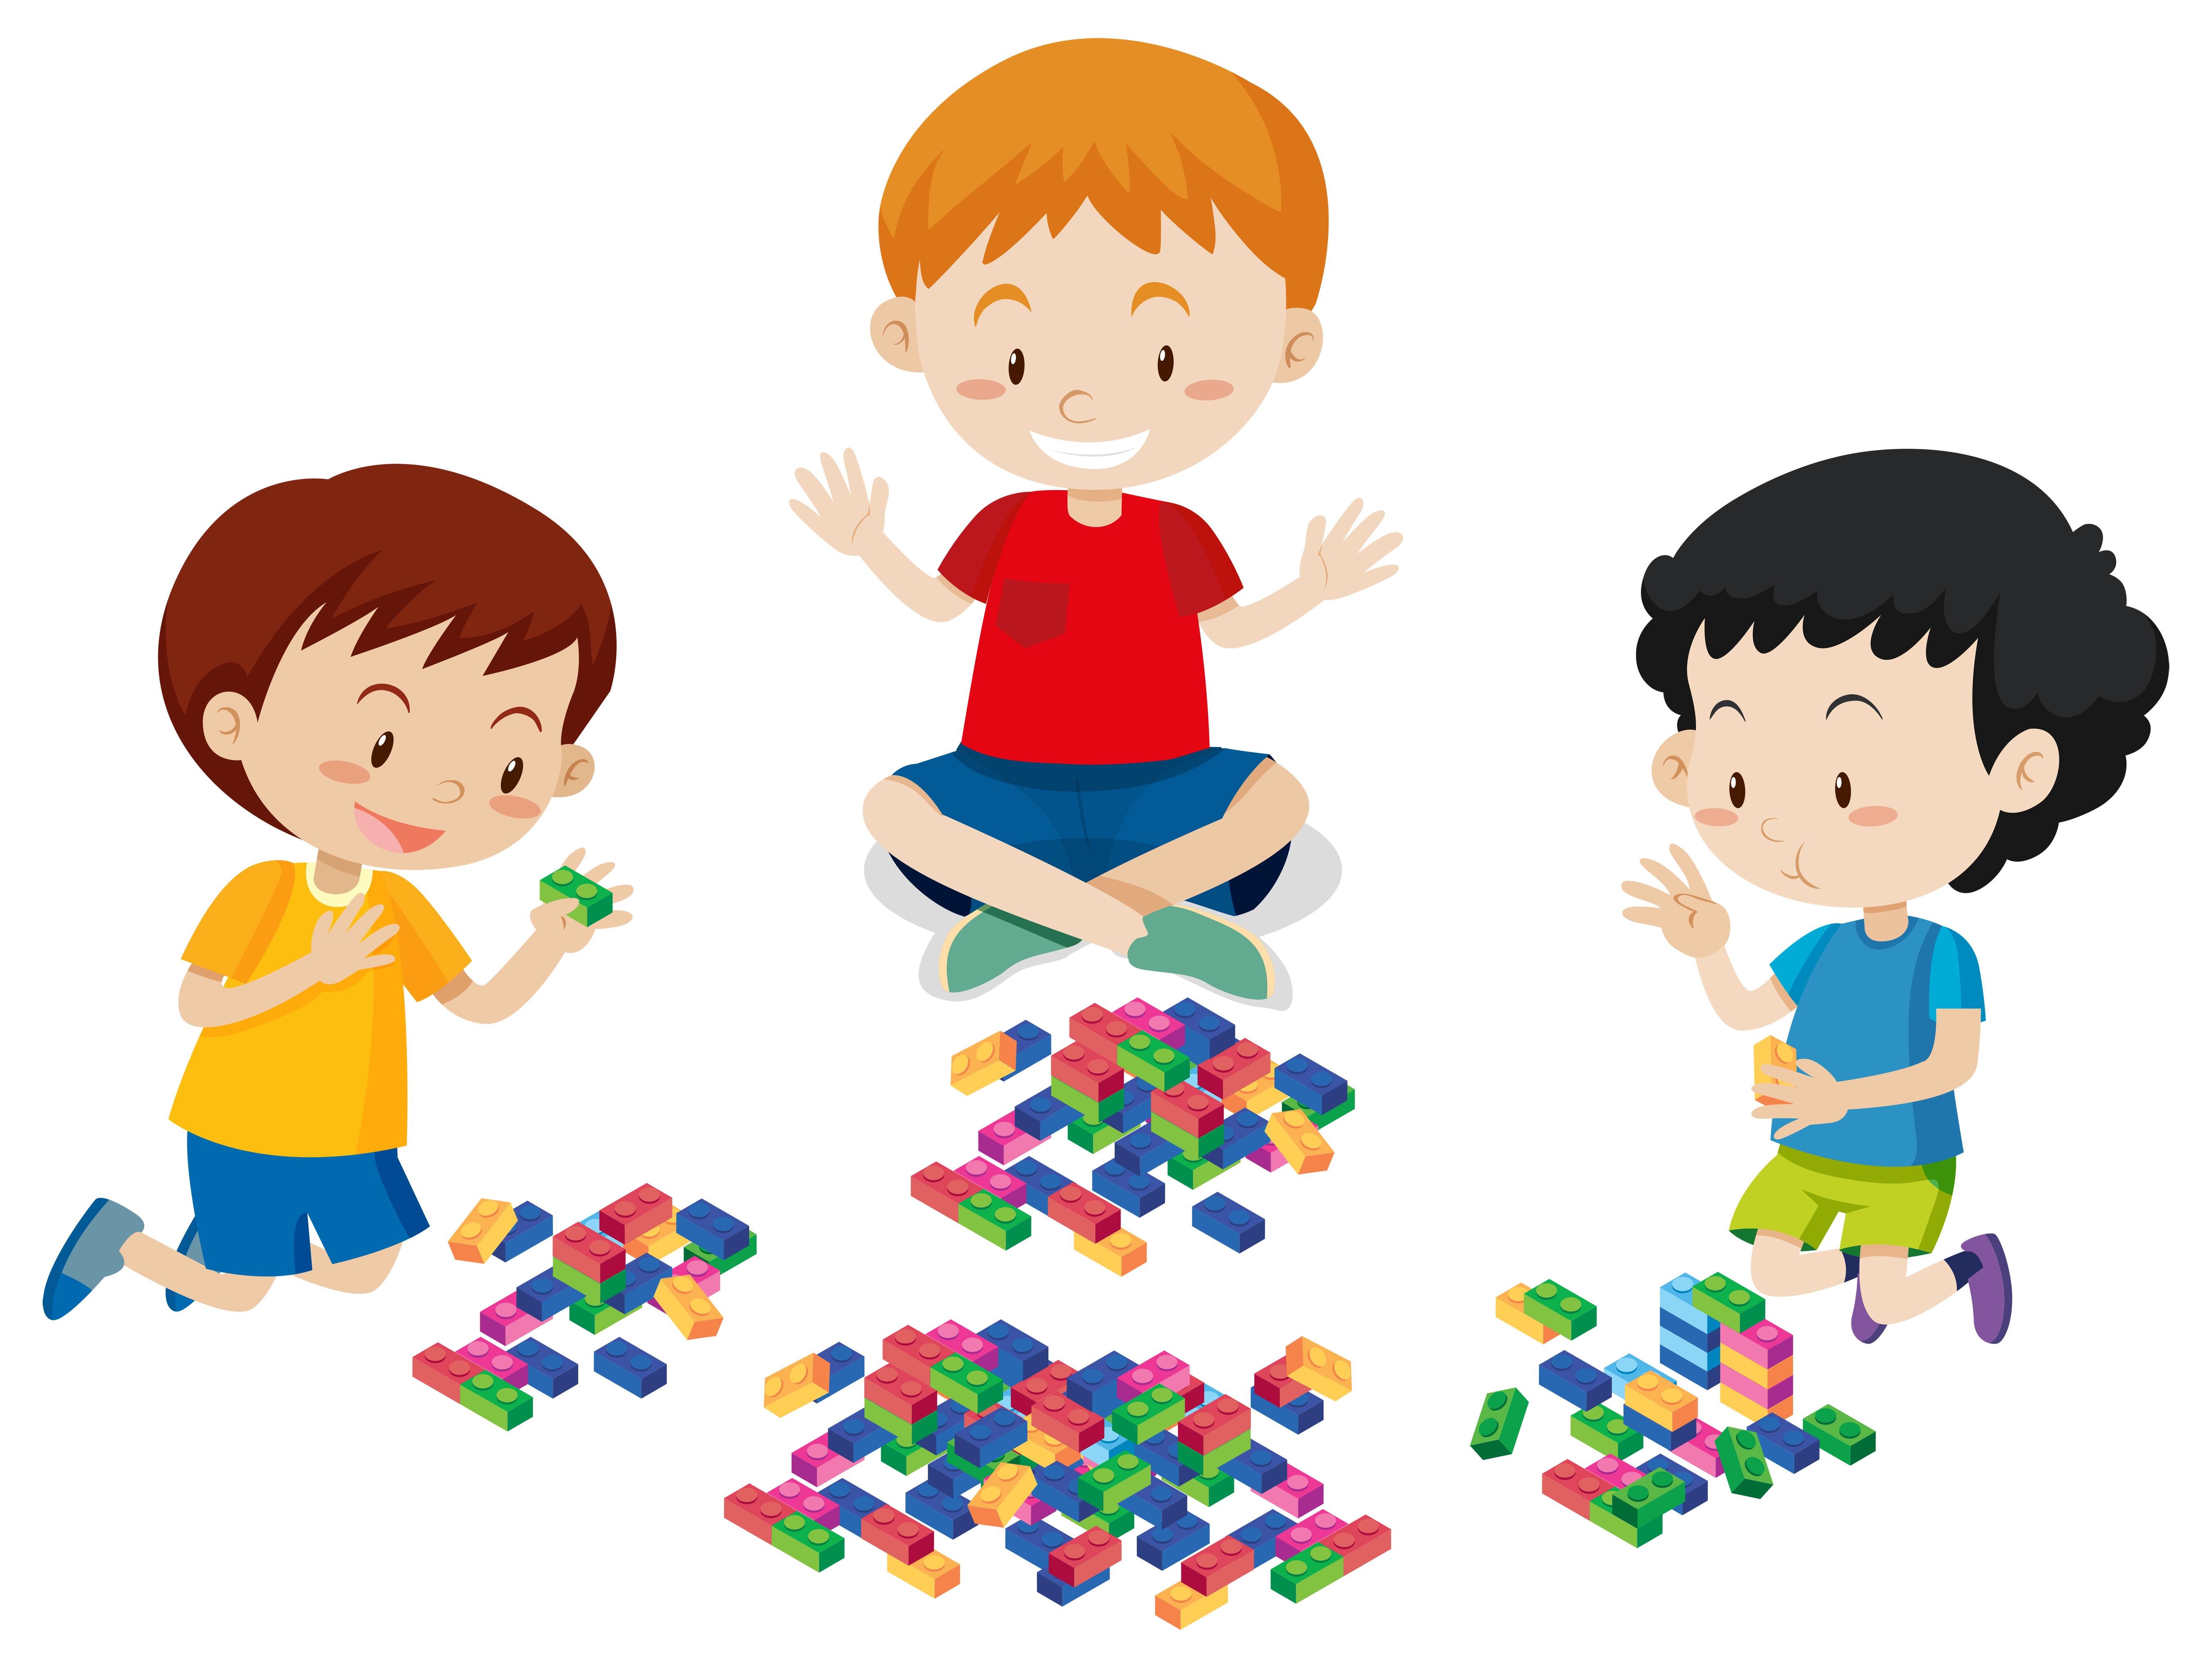 Jungen, die Lego auf weißem Hintergrund spielen 294040